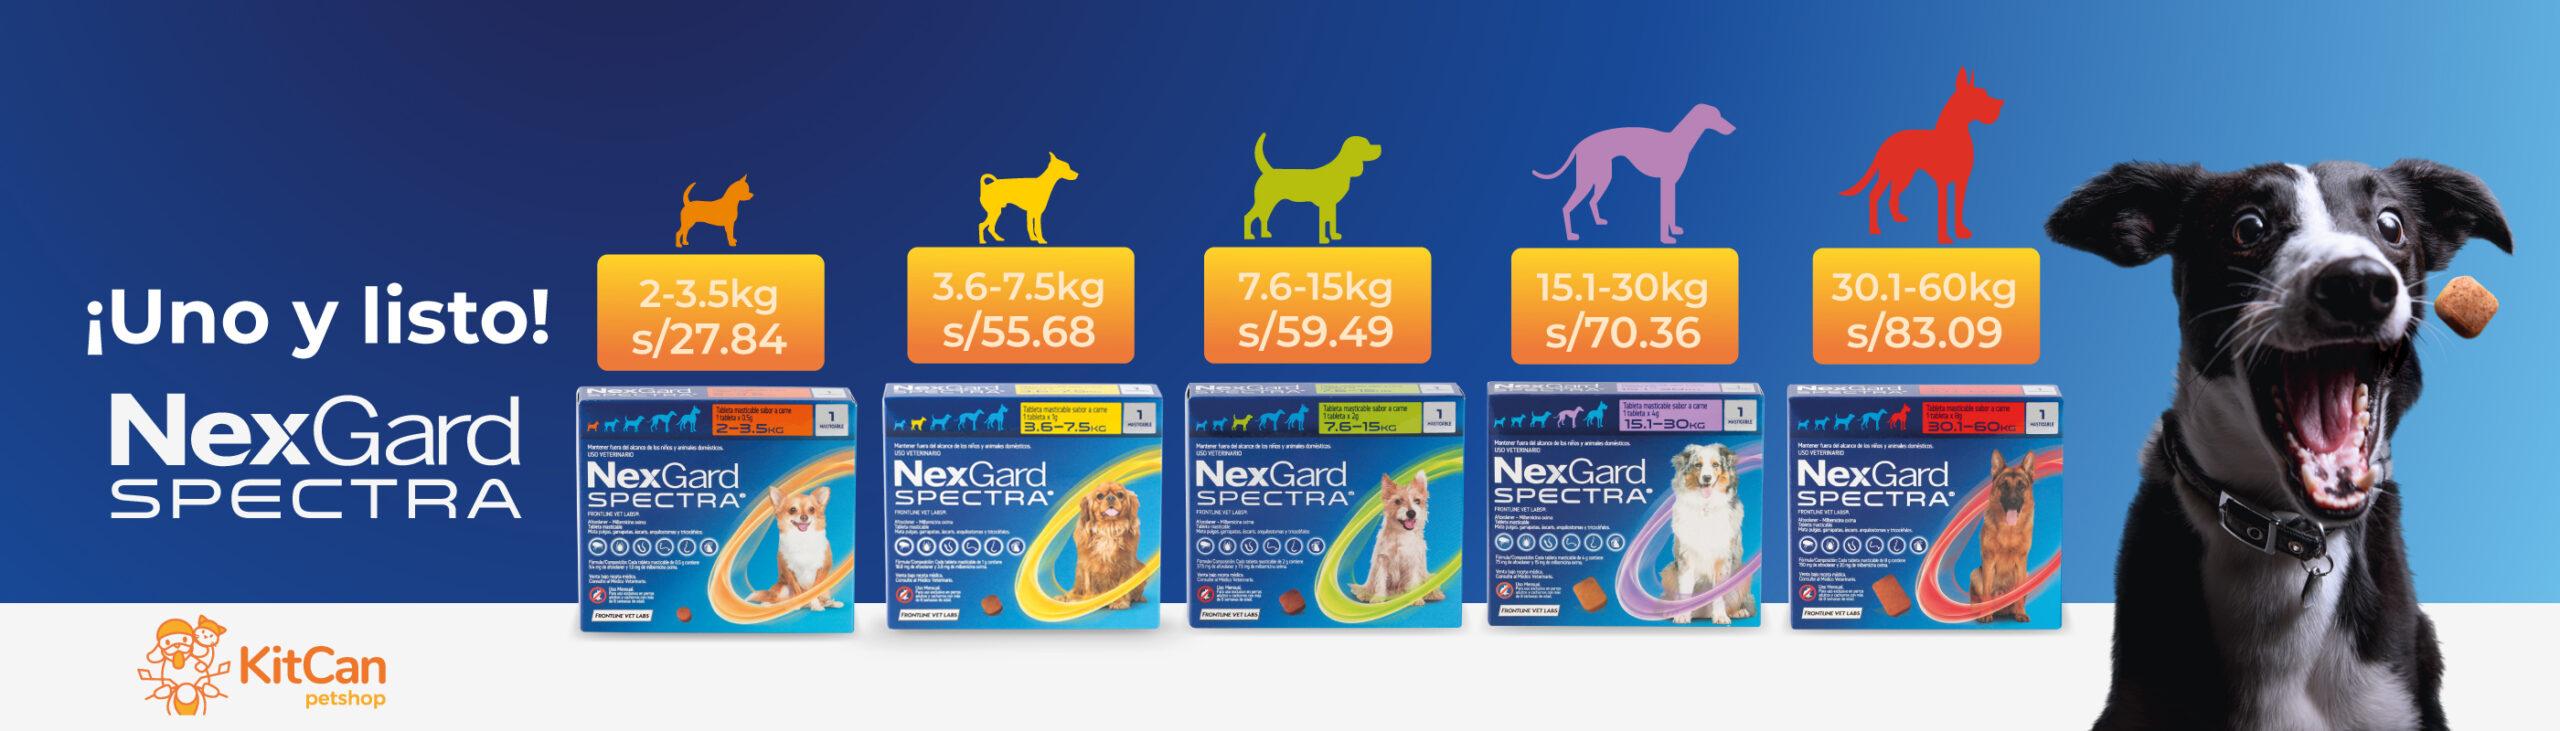 nexgard-expectra-banner-web